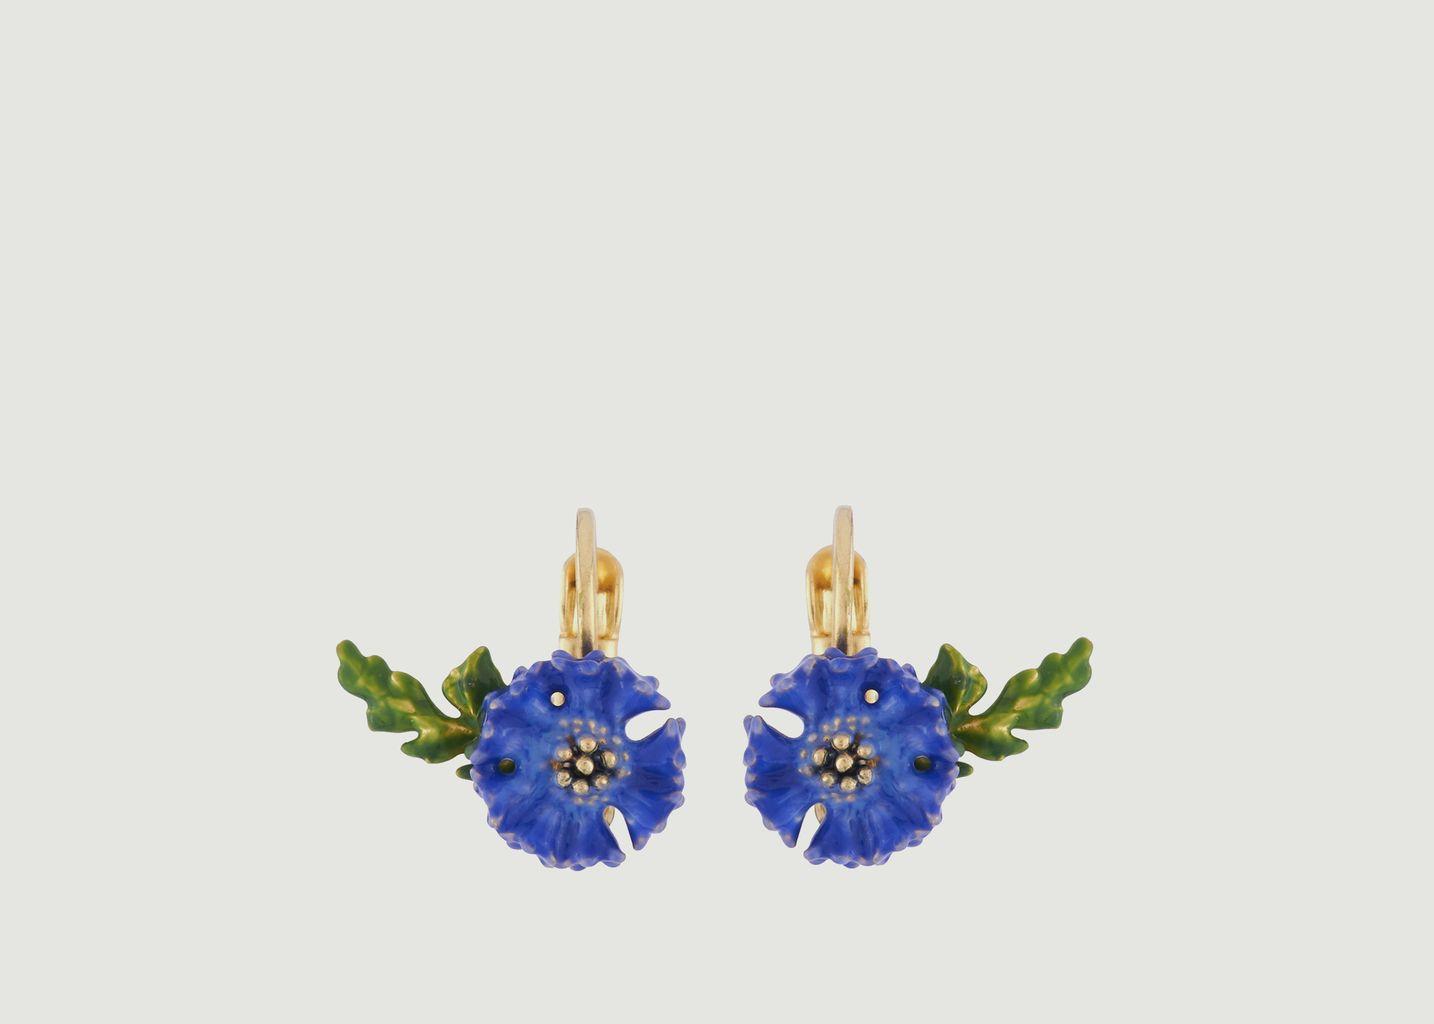 Boucles d'Oreilles Dormeuses Bleuets - Les Néréides